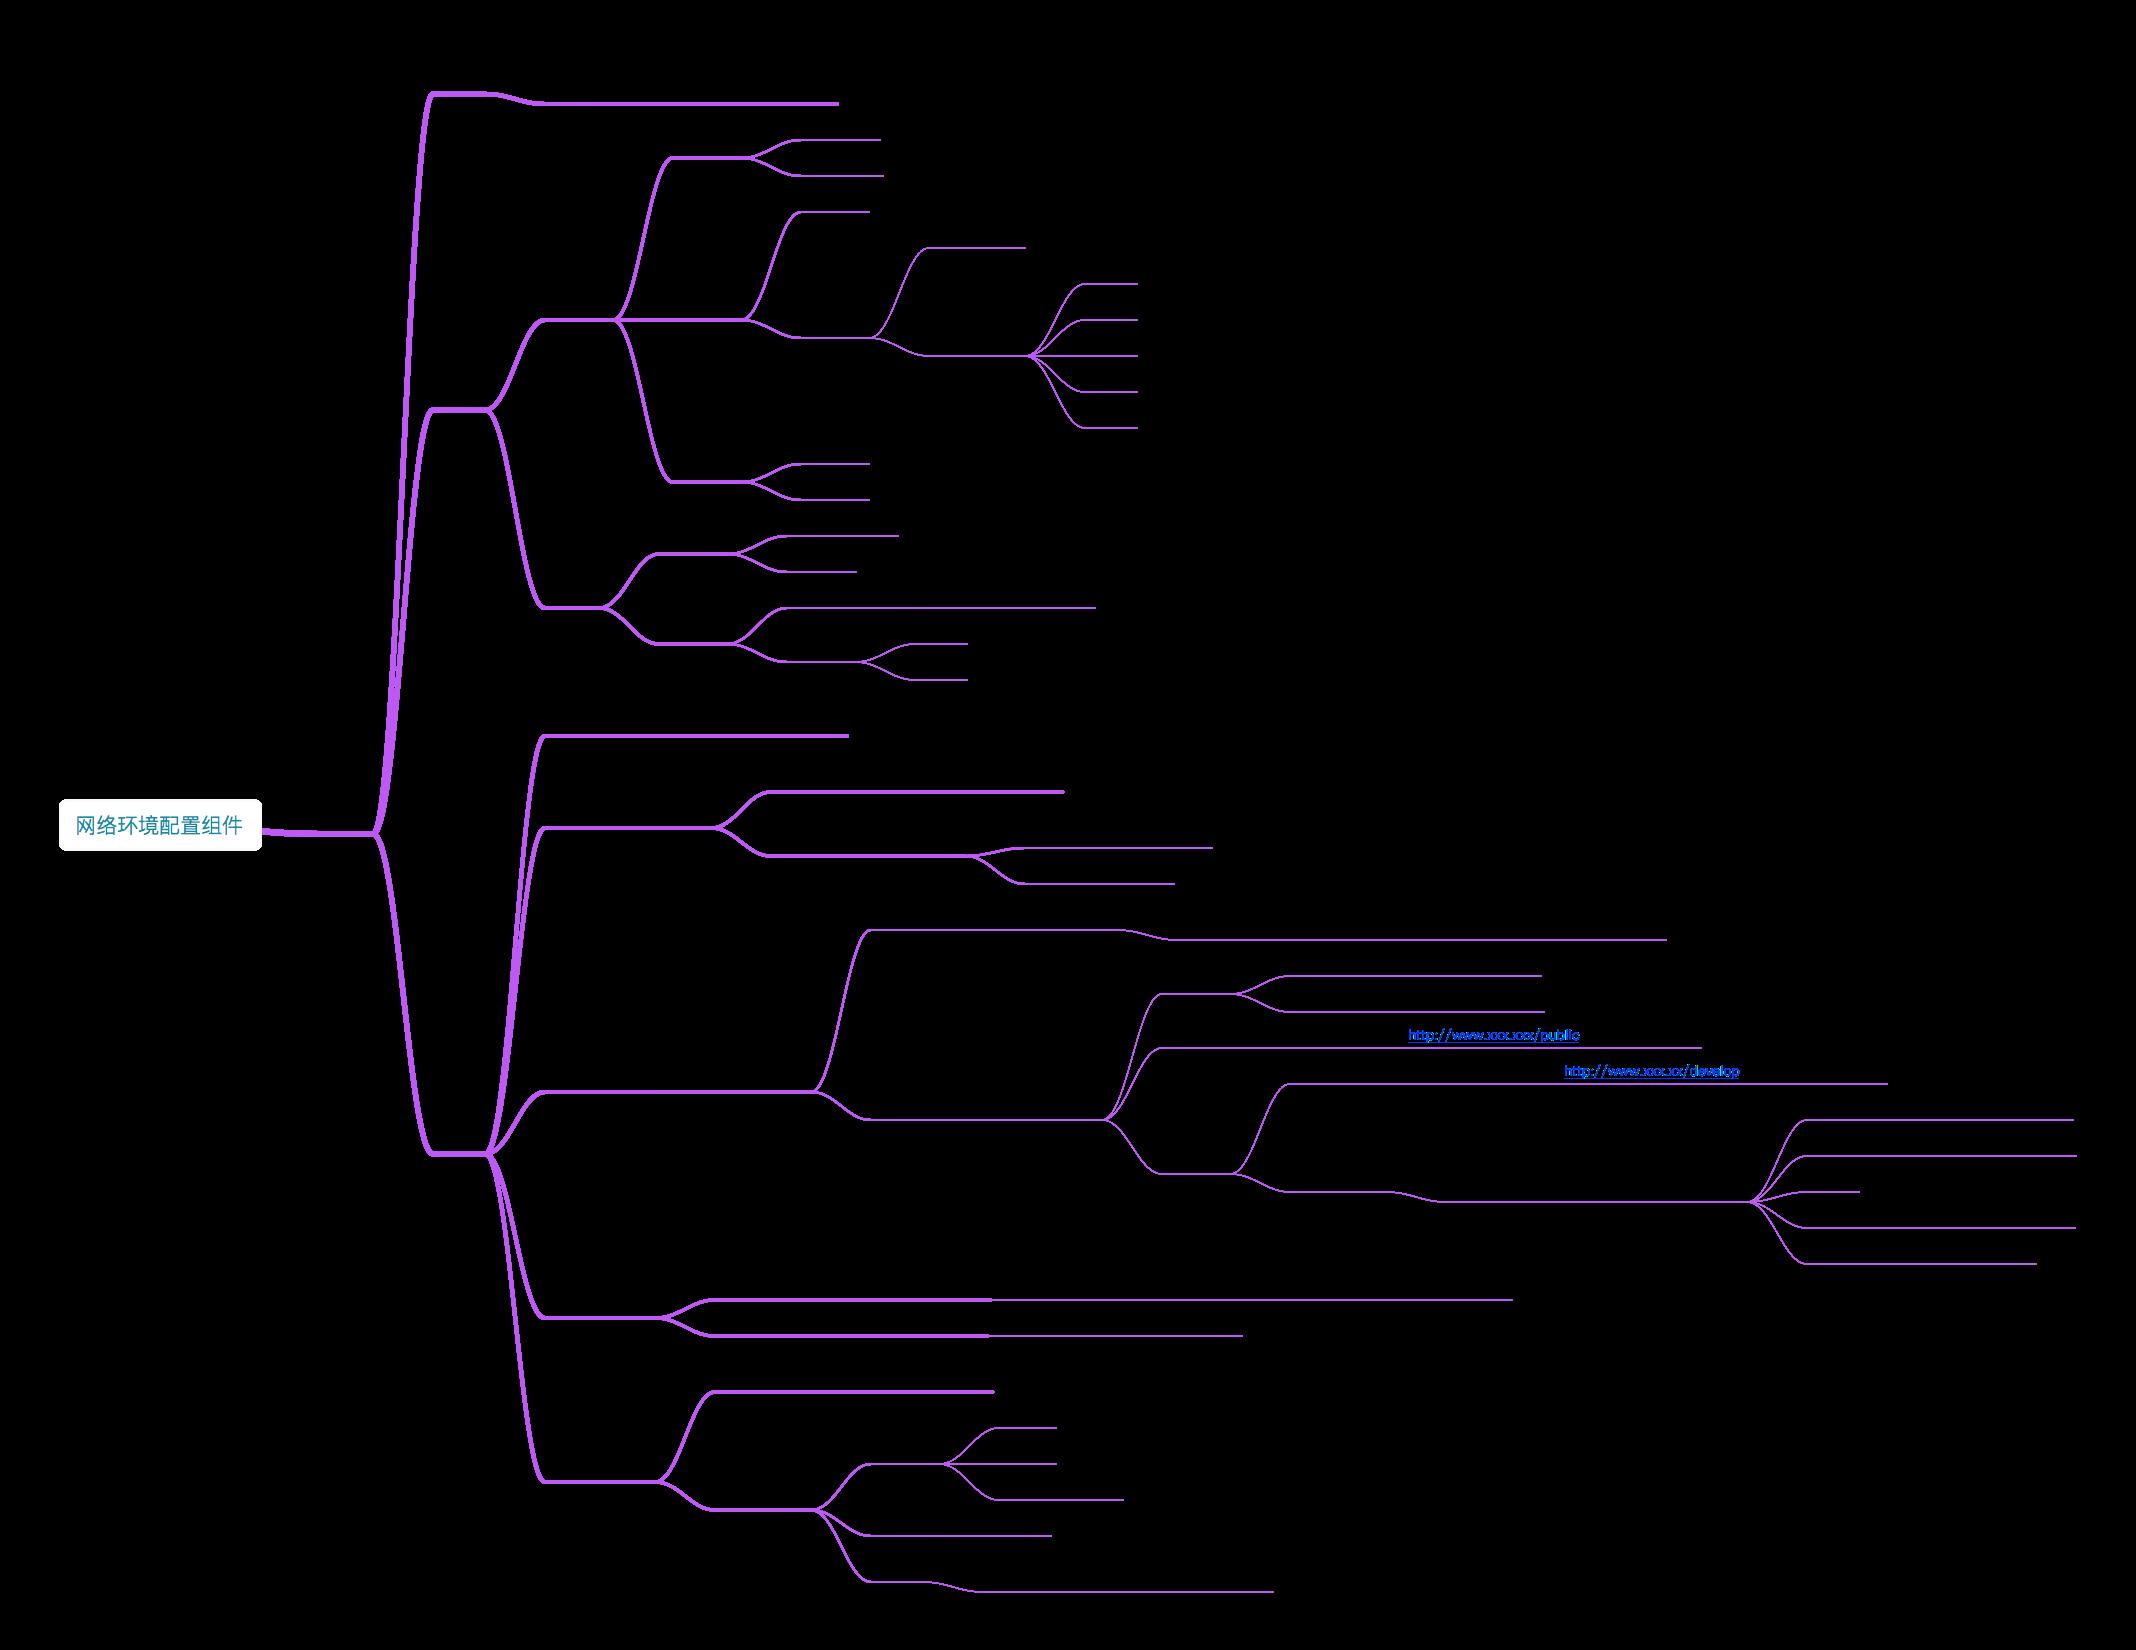 网络环境配置组件.png